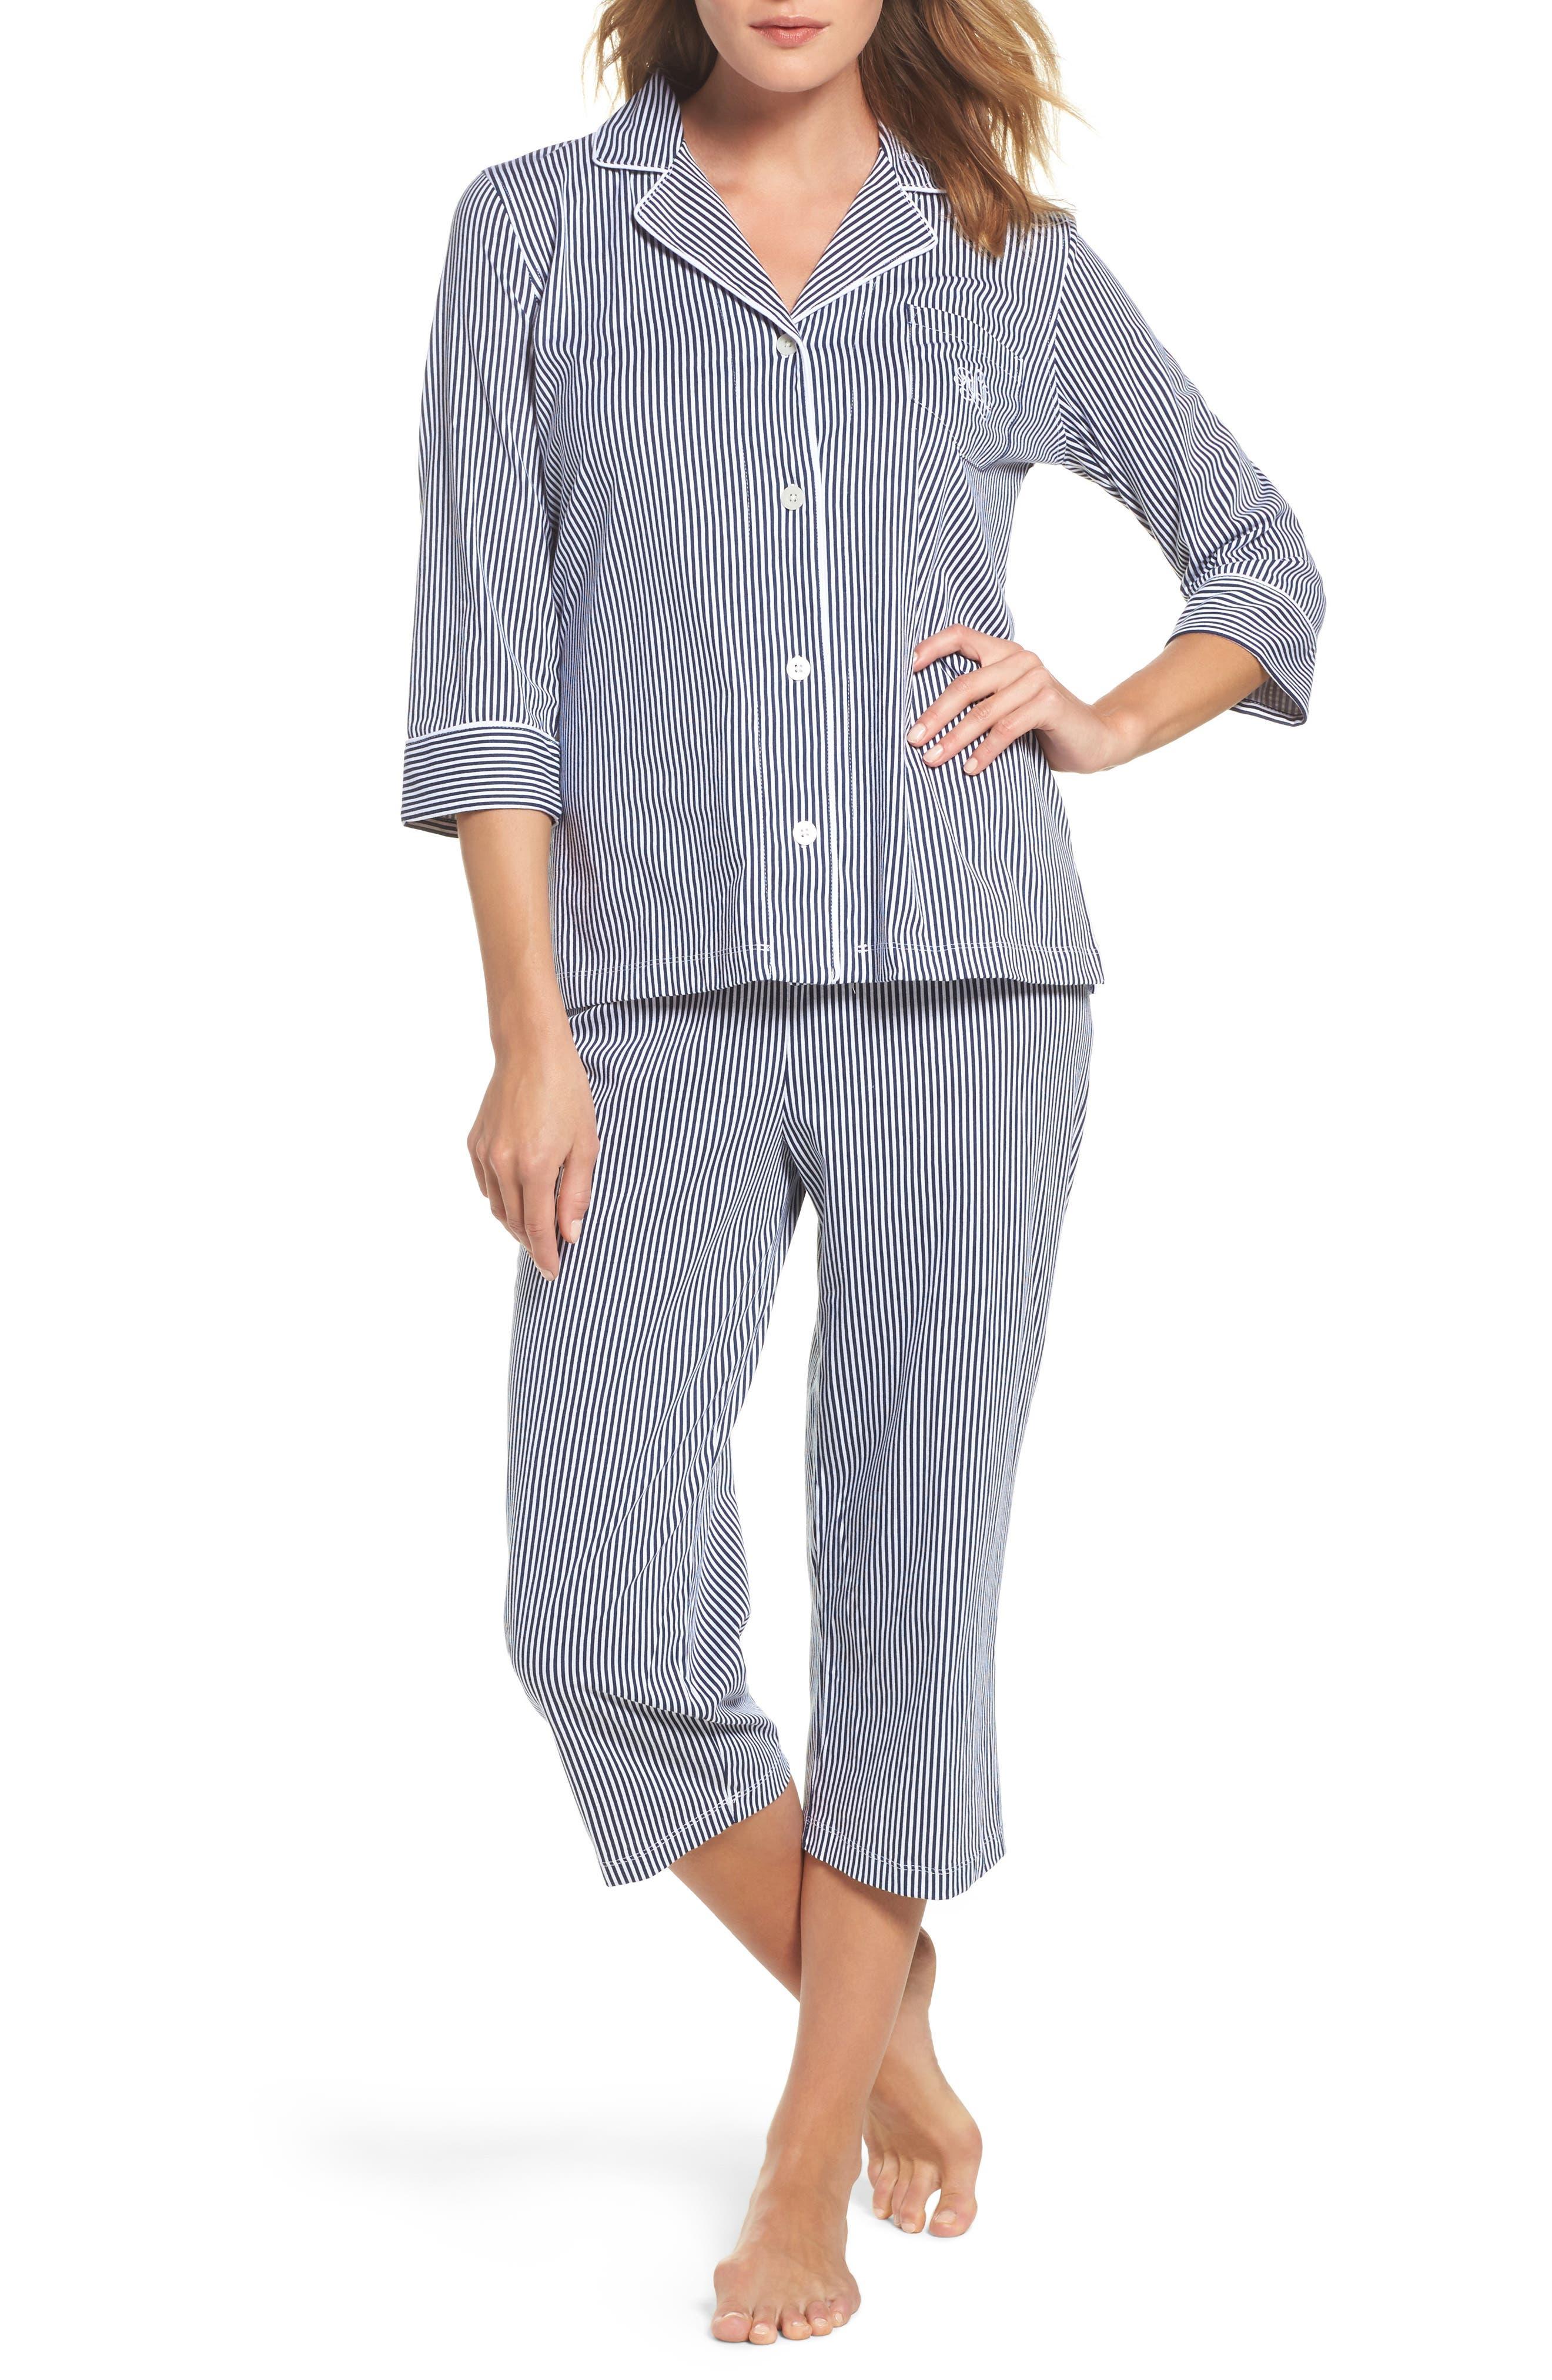 Alternate Image 1 Selected - Lauren Ralph Lauren Knit Crop Pajamas (Online Only)